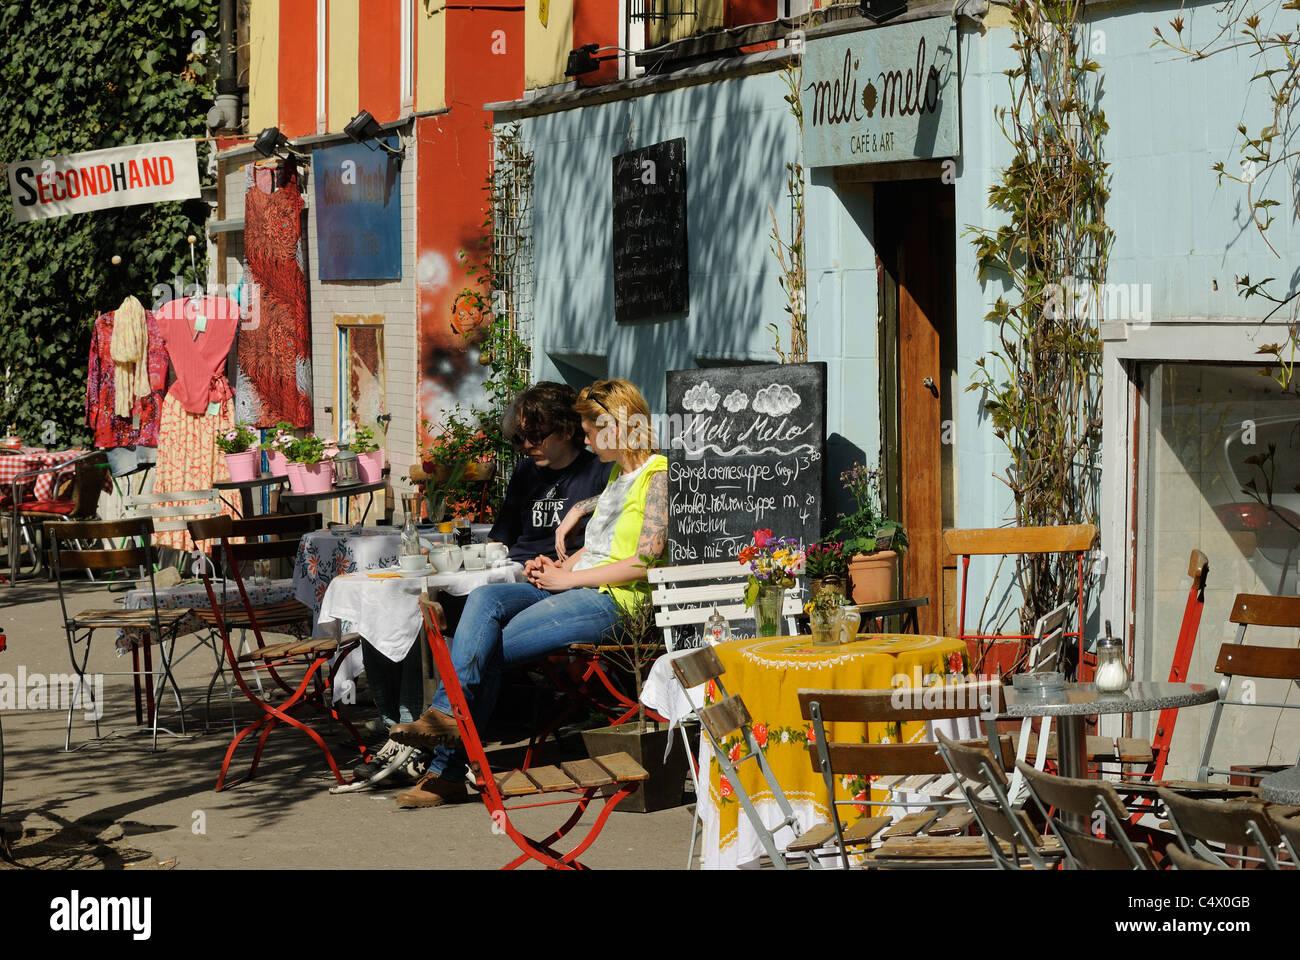 Cafe Bar Meli Melo Solmsstrasse Ecke Bergmannstrasse Beliebte